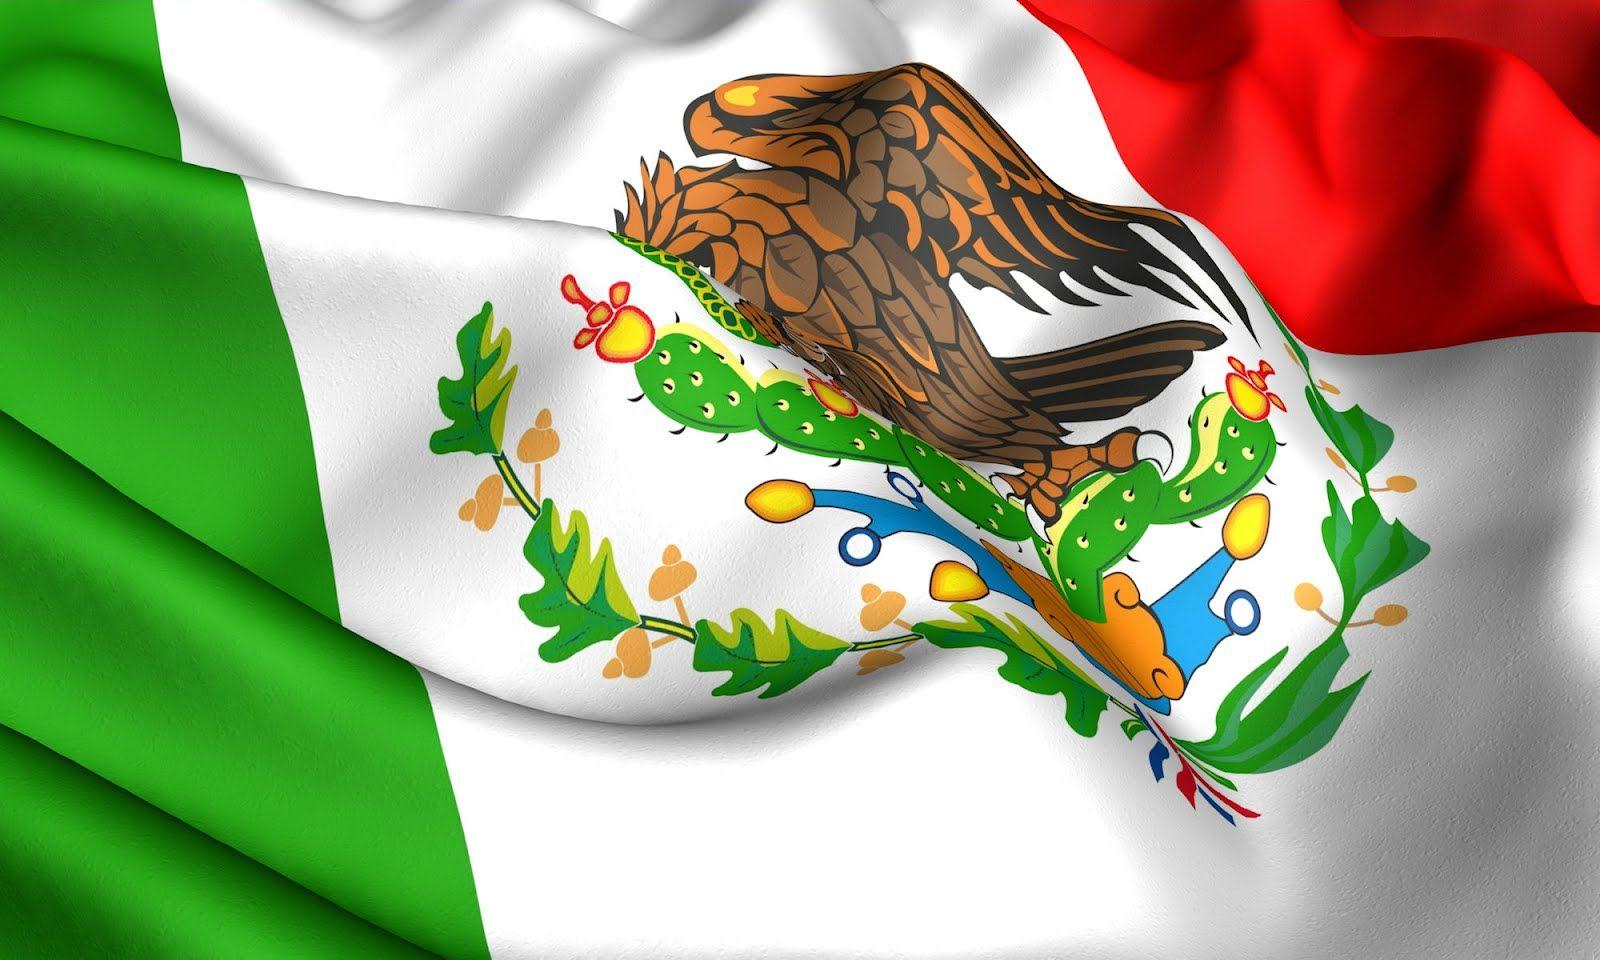 bandera-mexicana-de-mexico-verde-blanco-y-rojo-simbolos-patrios-16 ...